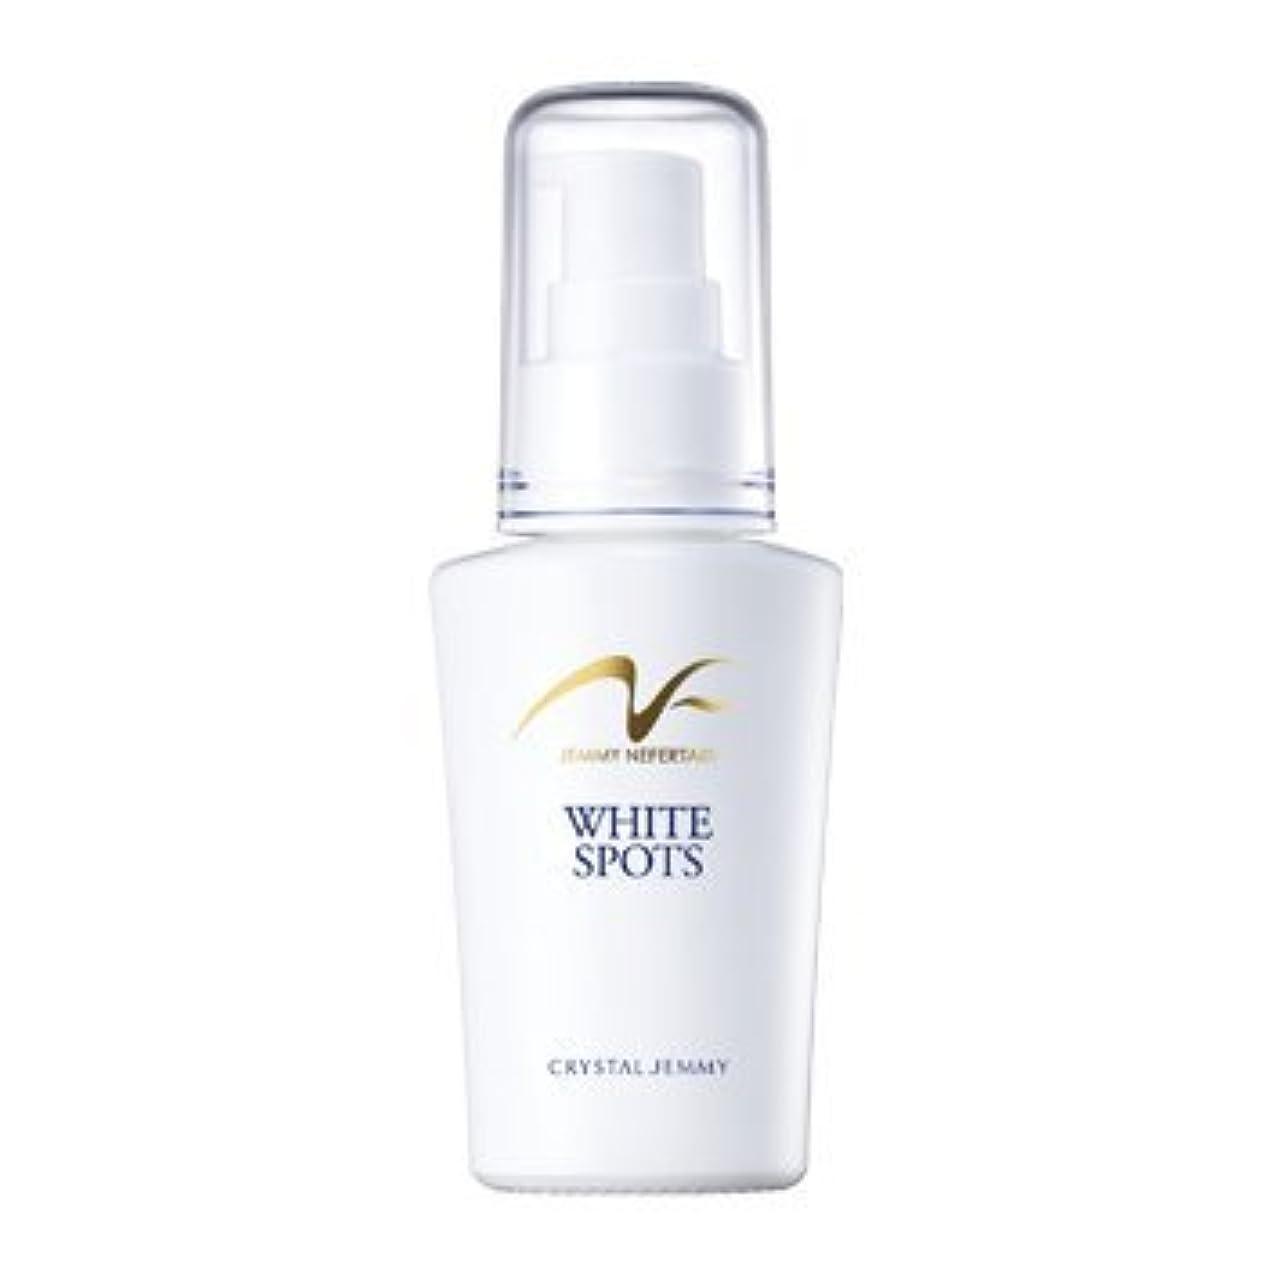 ガイドスマイル溶接クリスタルジェミー ジェミーネフェルタリ薬用ホワイトスポッツ 美容液 美白 集中 シミ 対策